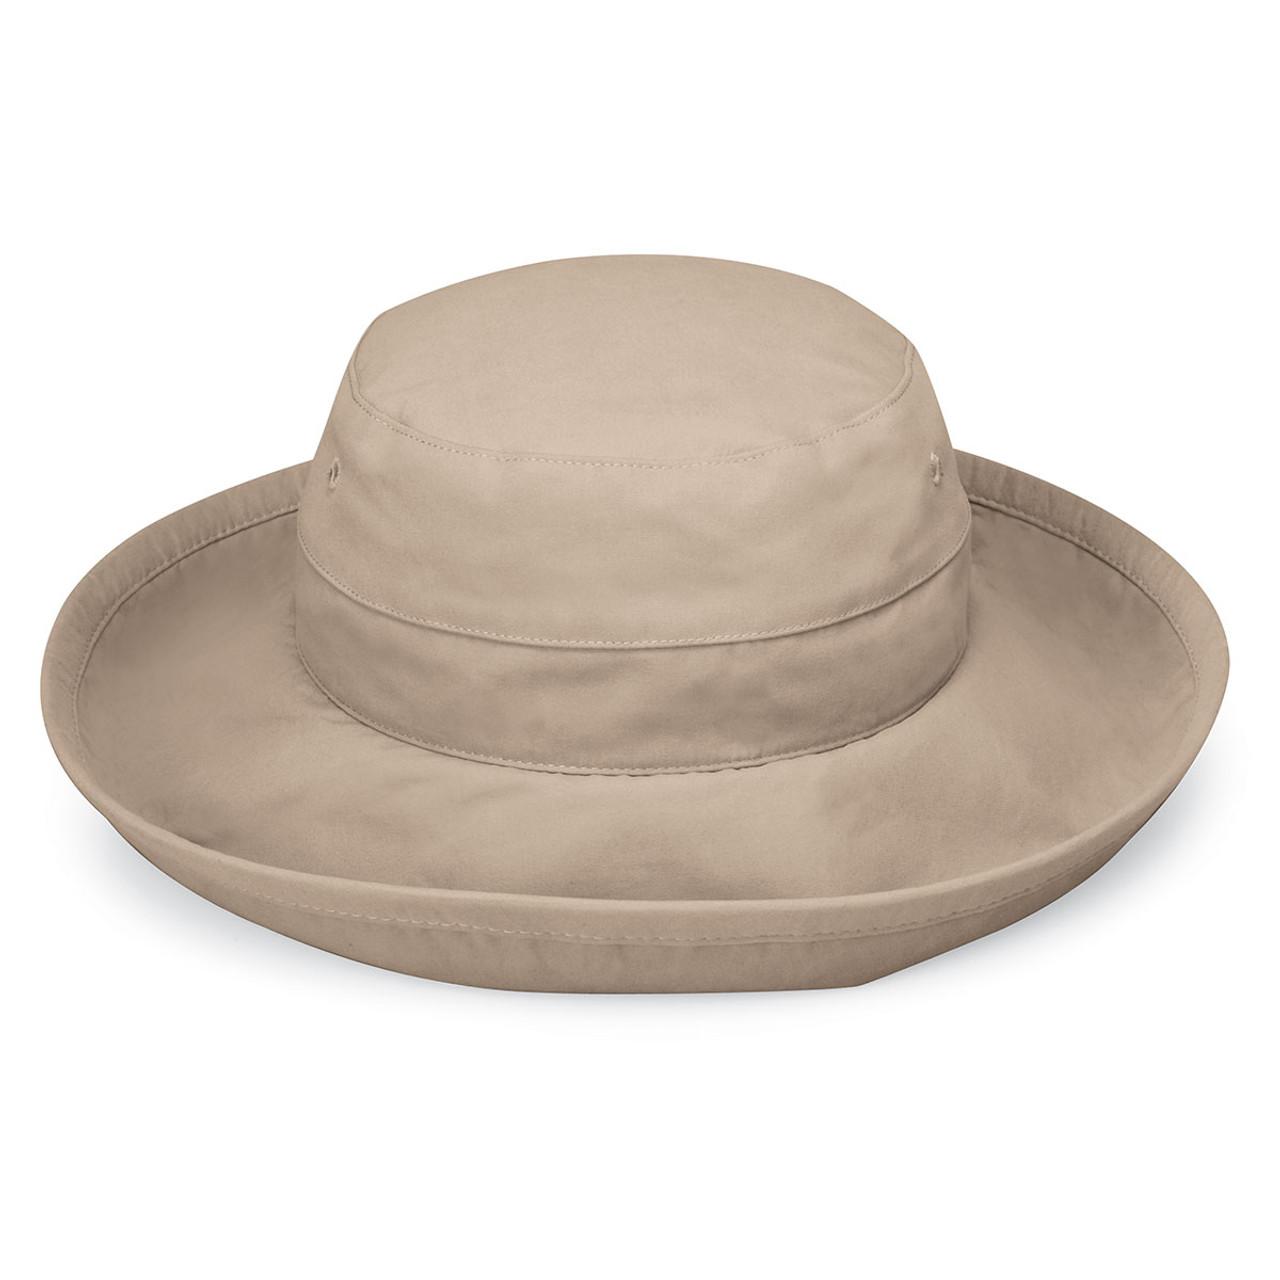 c54f0c6eb7b Womens Wallaroo Casual Traveler UPF50+ sun hat camel